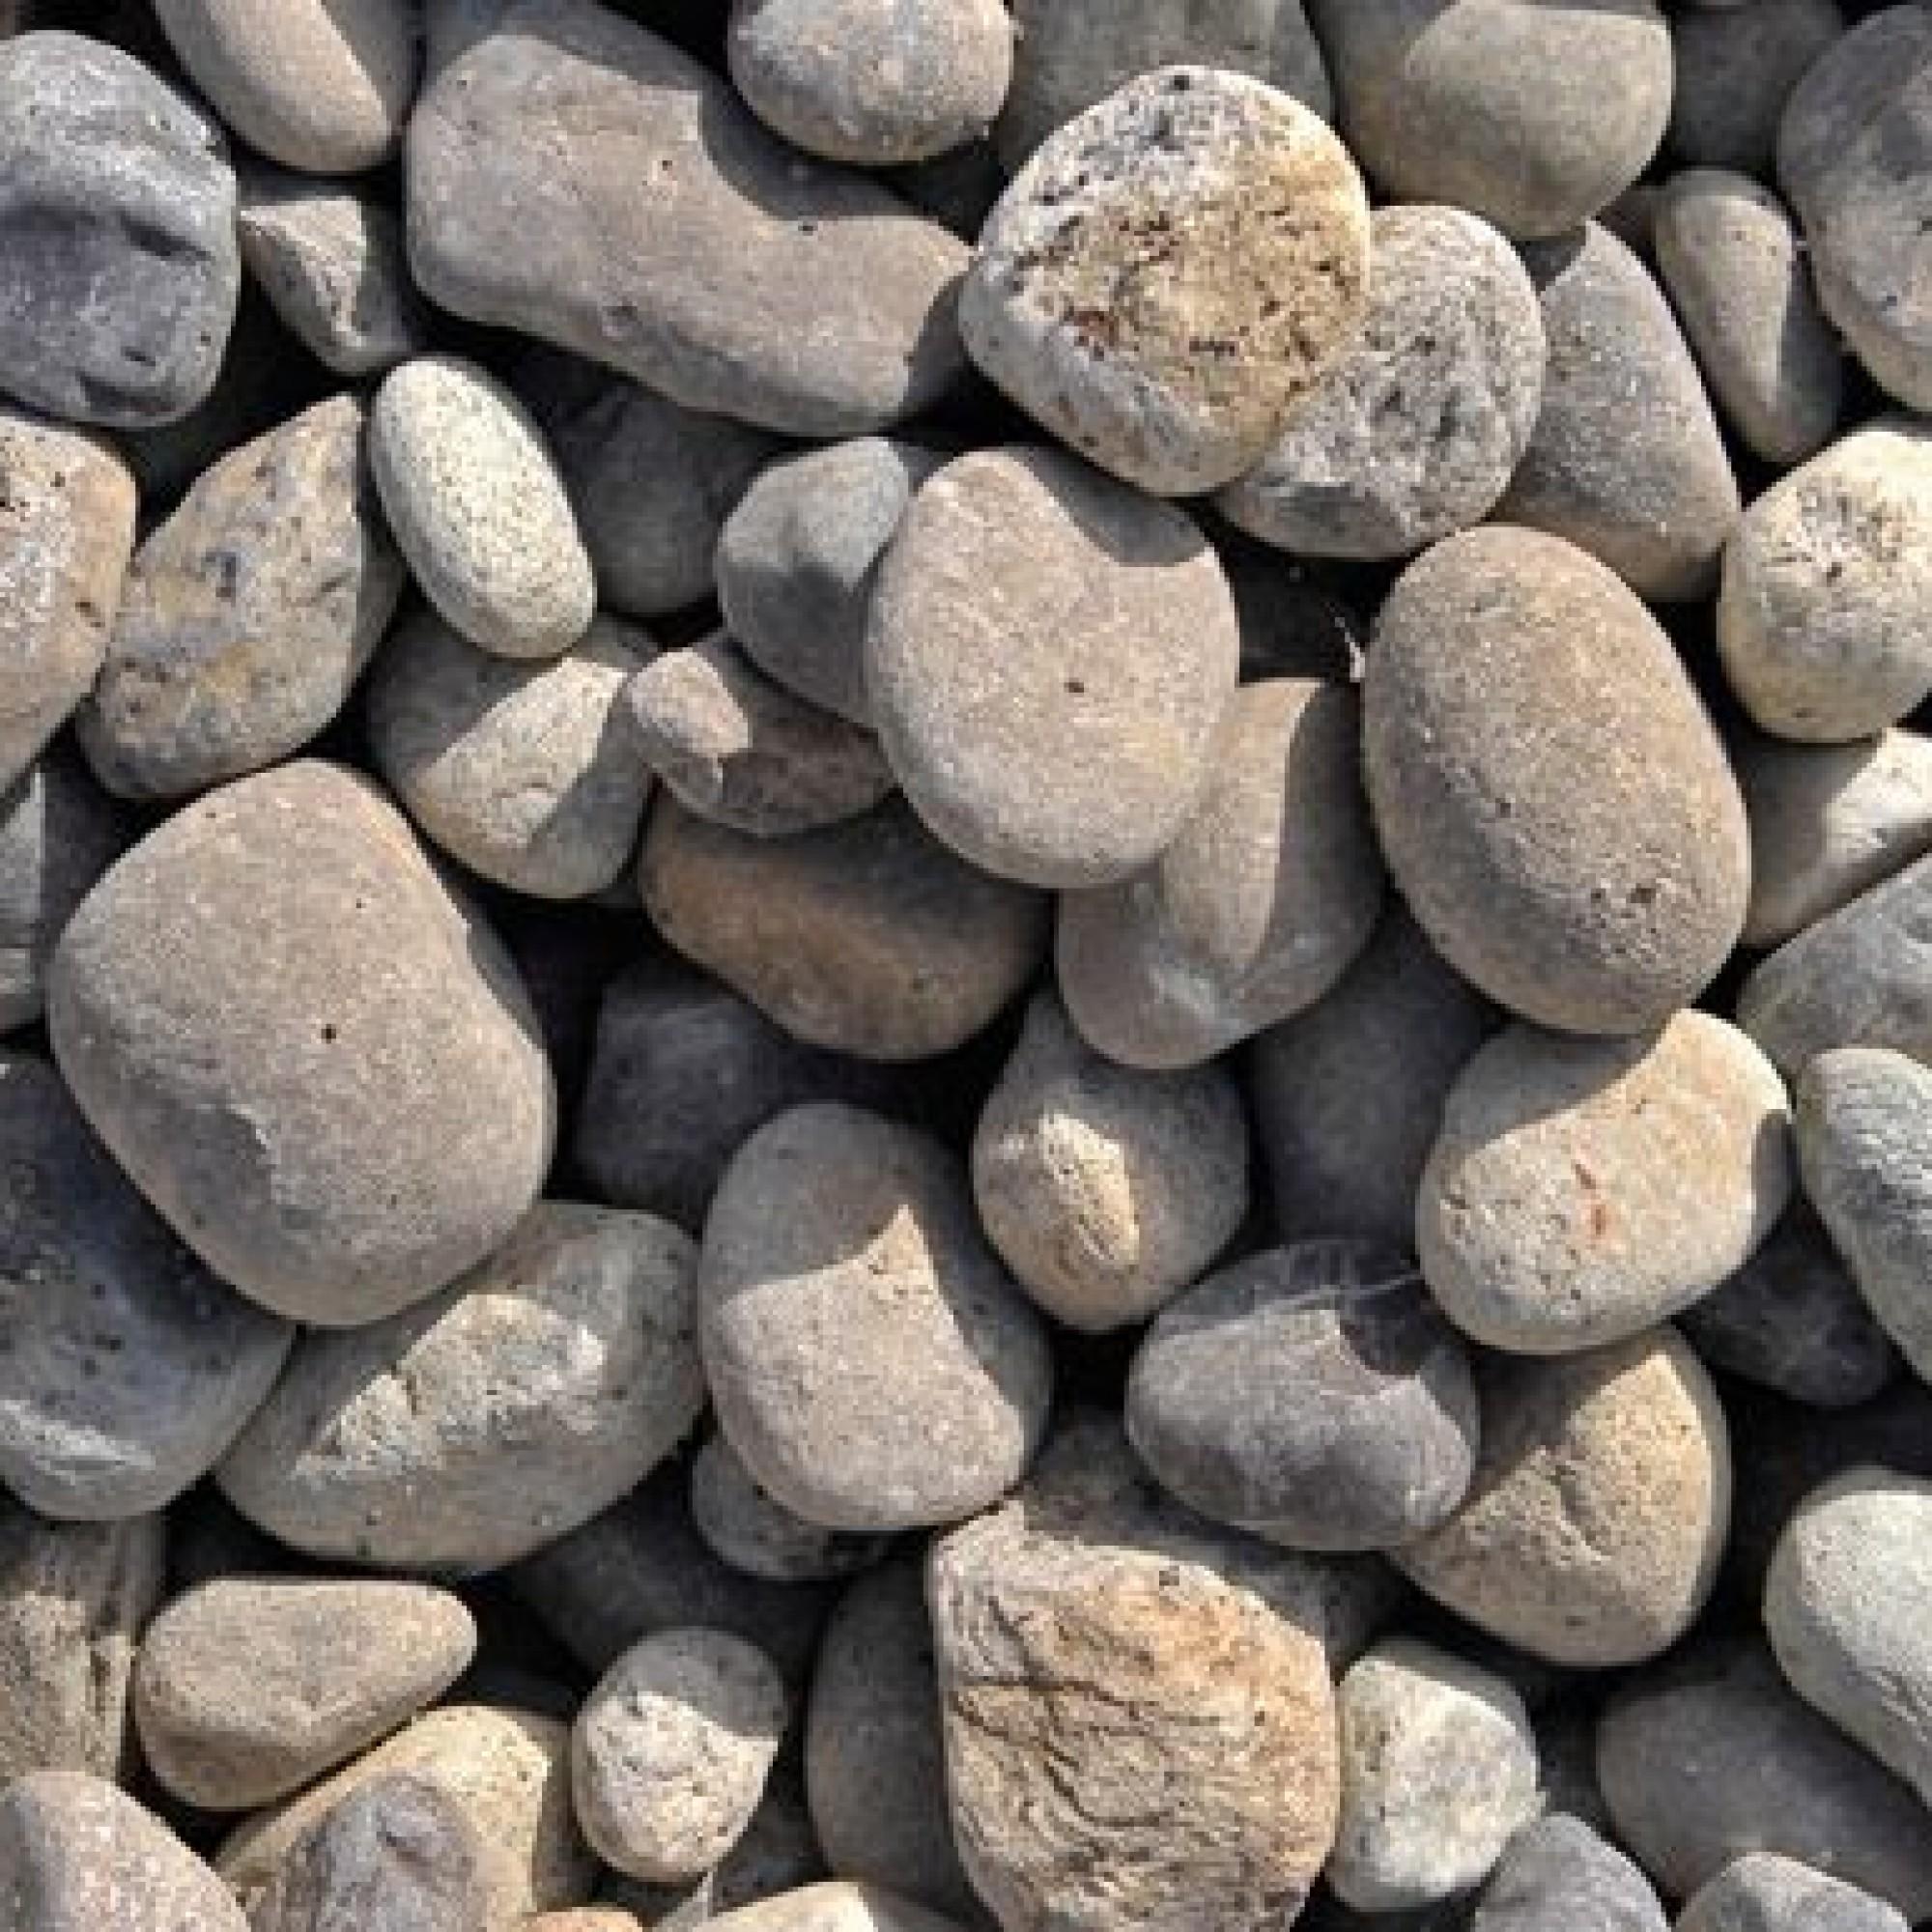 Le projet de recyclage à Avusy (GE) ne concernera que les déchets minéraux de chantier.